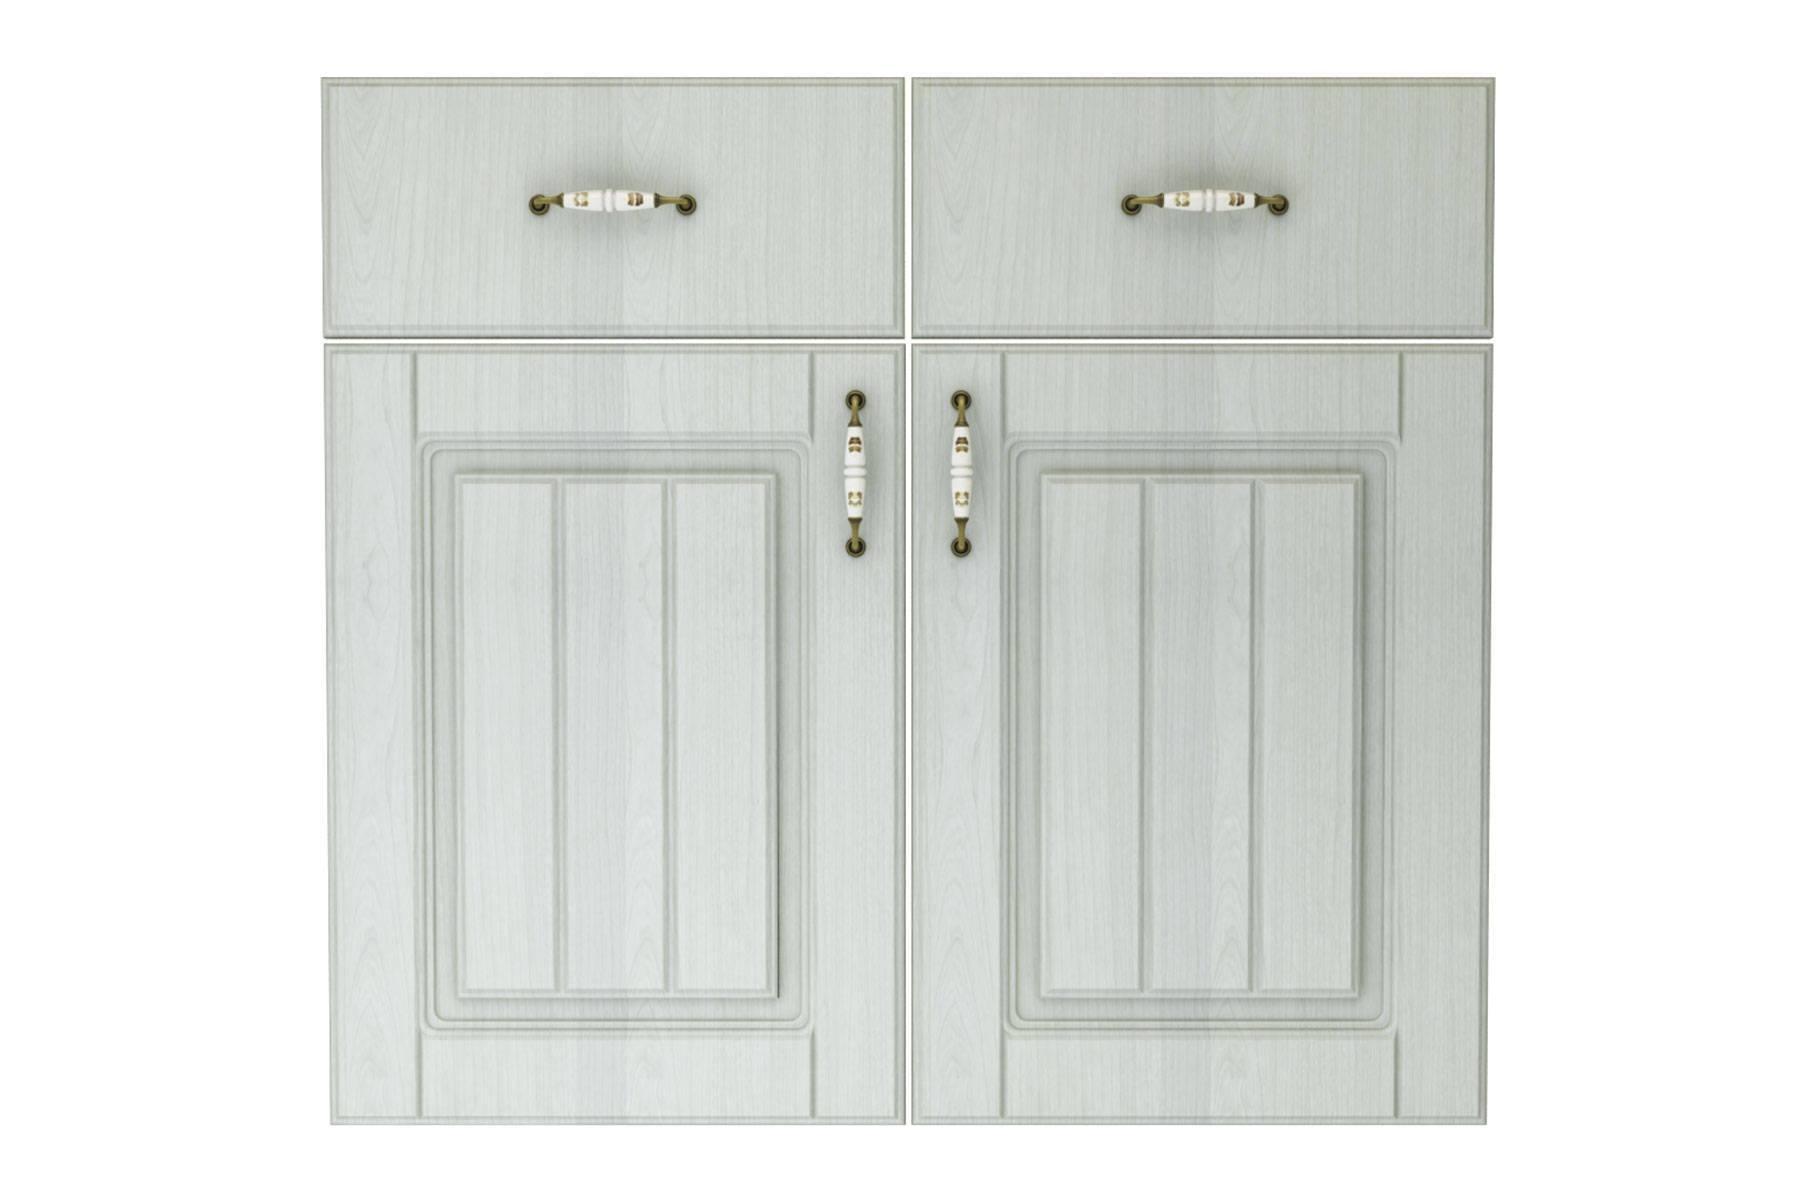 металлические шкафы для раздевалок ижевск